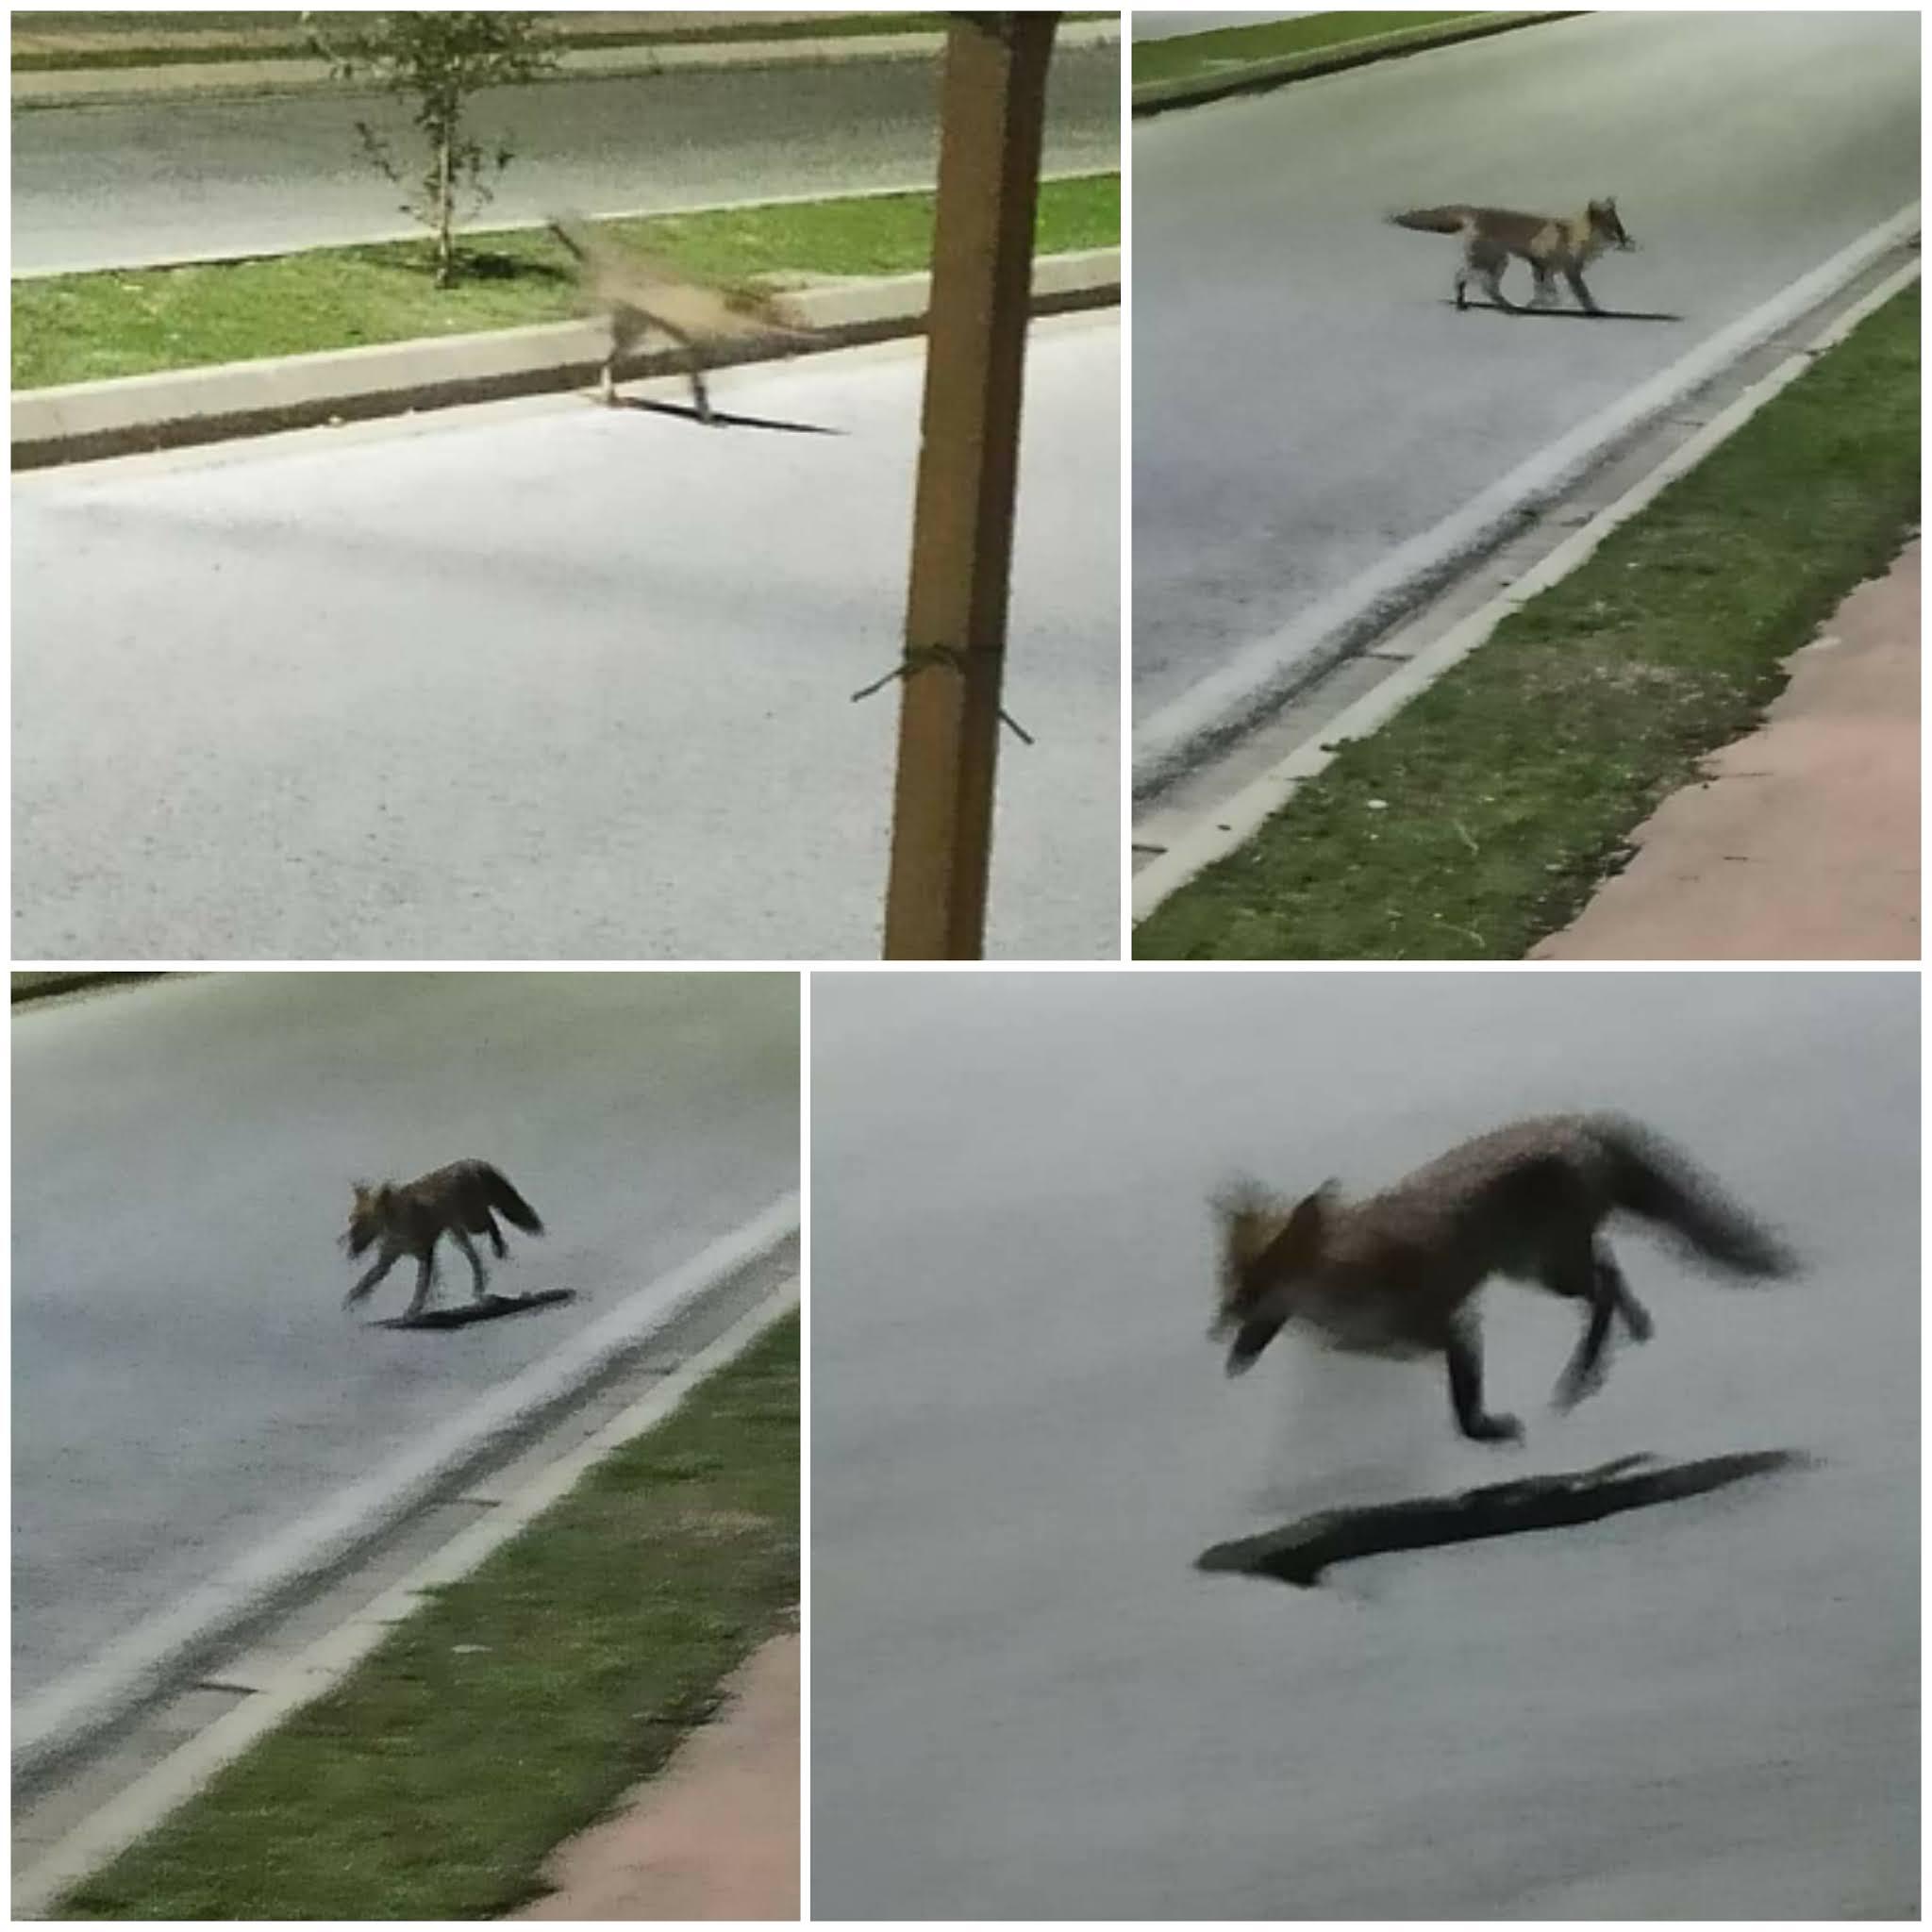 Μια αλεπού σε κατοικημένη περιοχή στην Ξάνθη